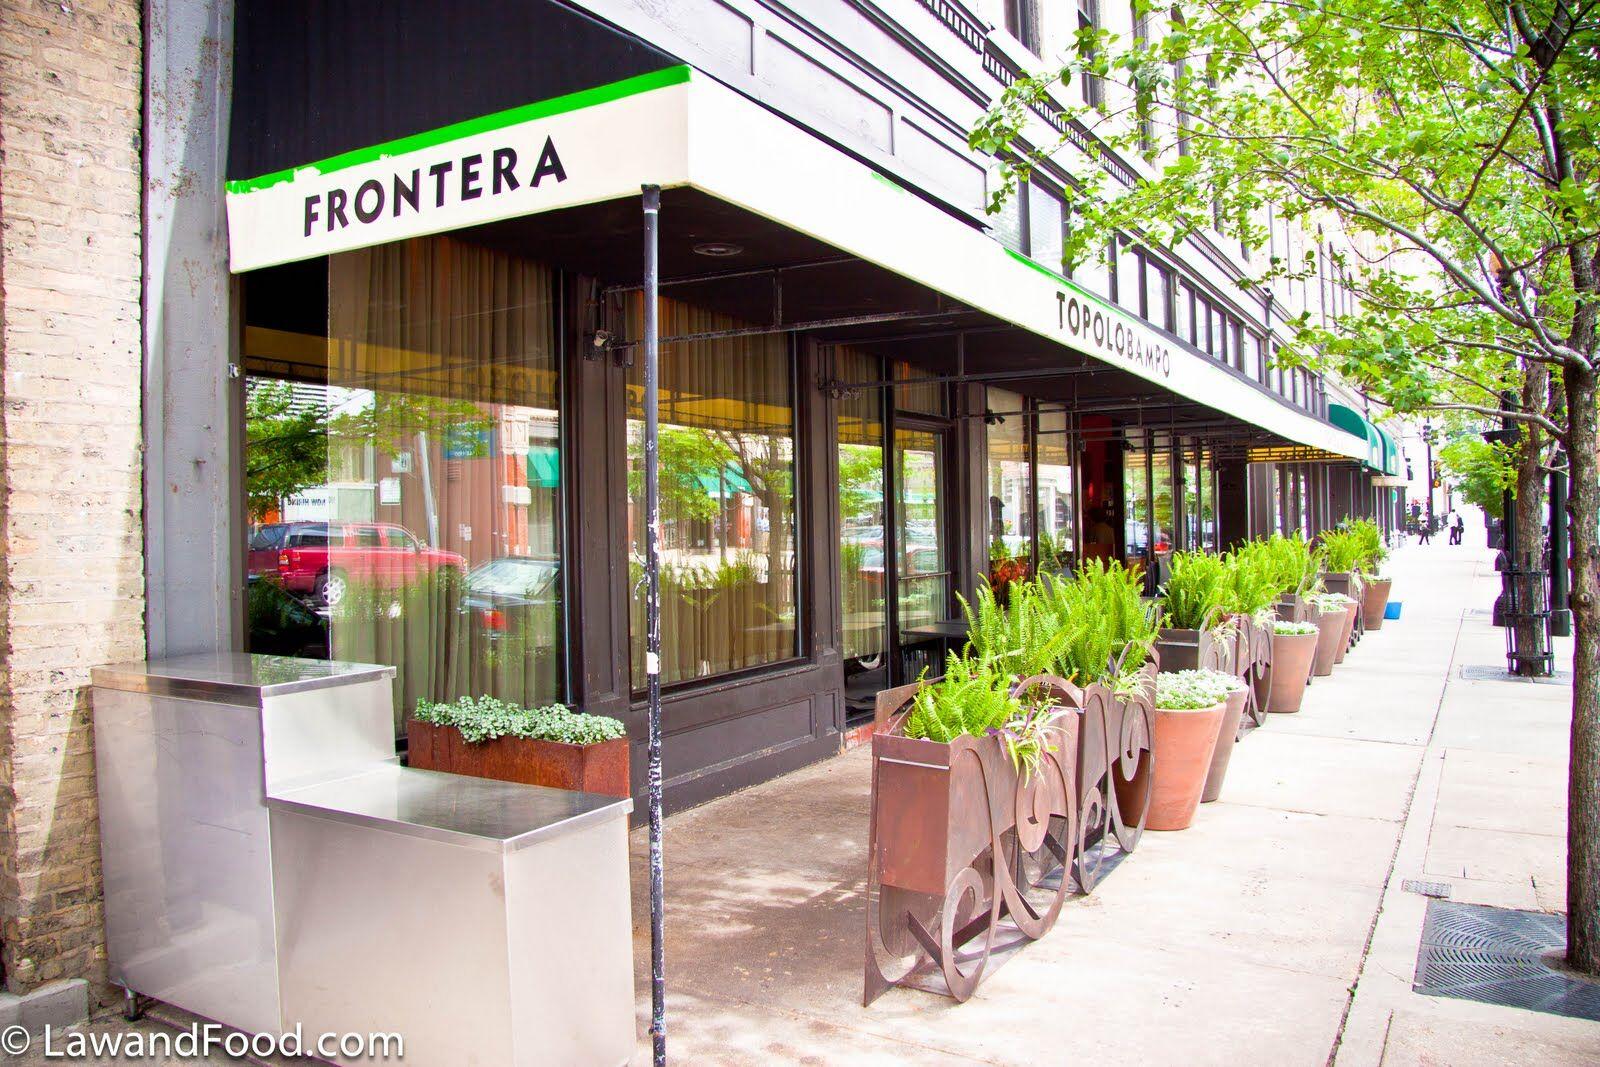 Frontera-sidewa;l.jpg